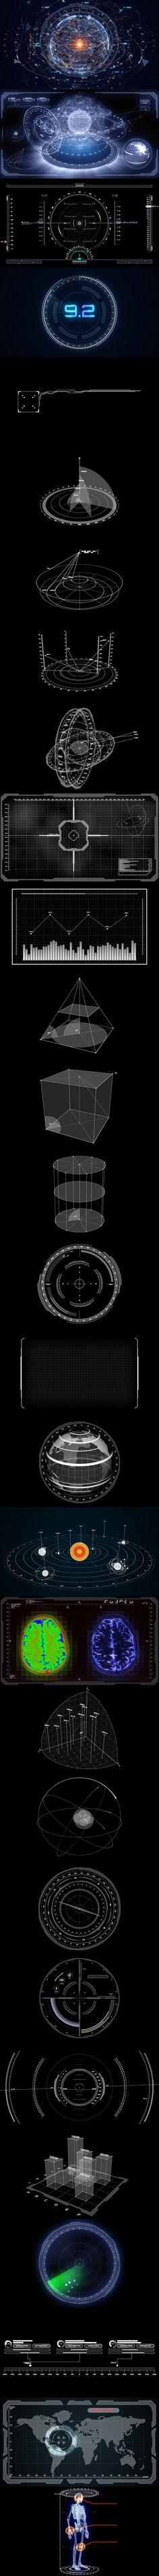 elementos de la tecnología Design Suite 3 UI elemento de la interfaz de la ciencia ficción ...